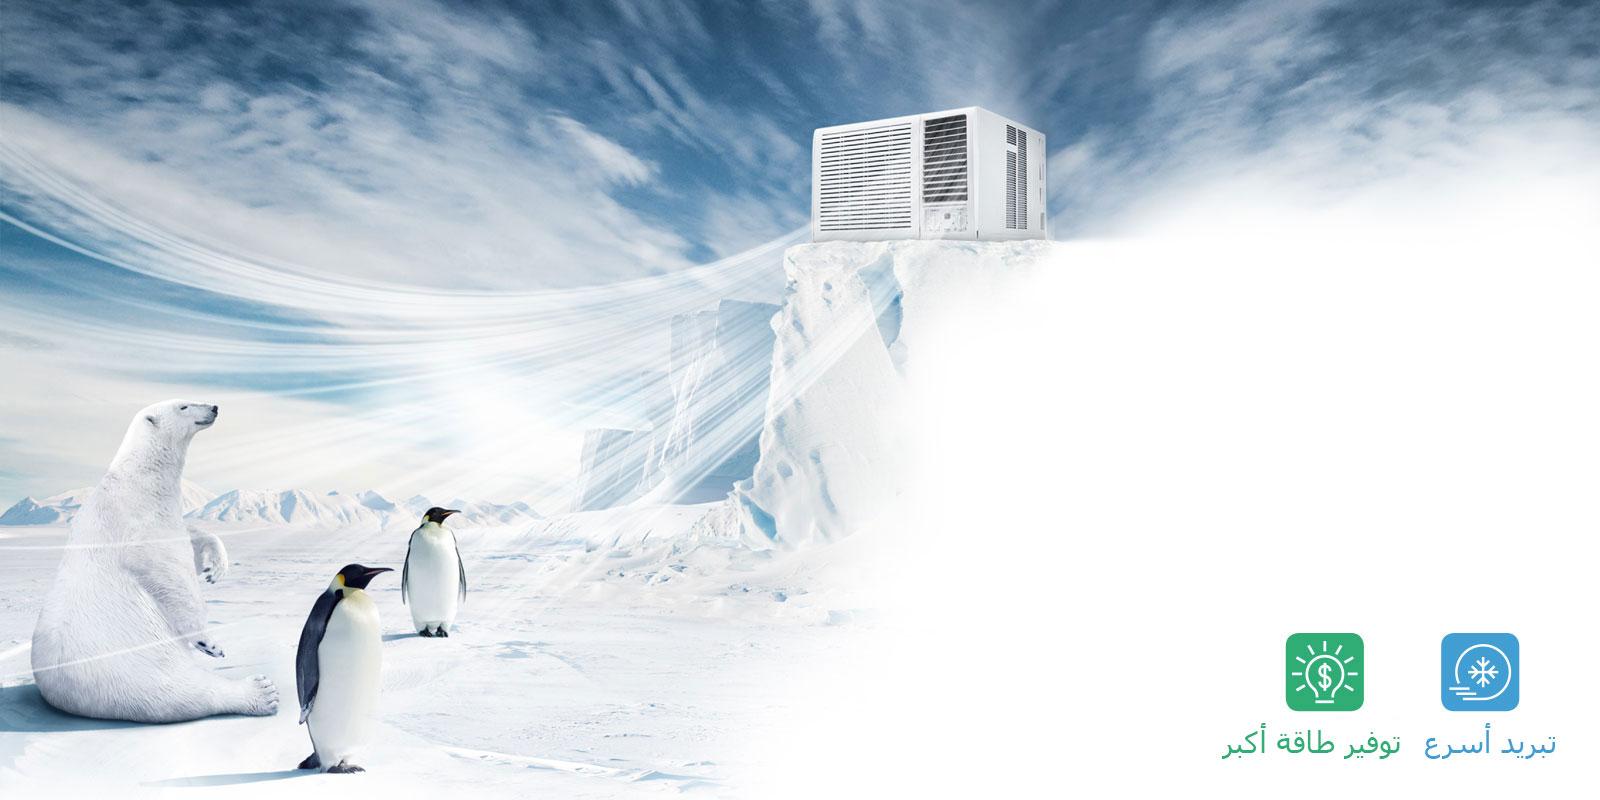 مكيف مكيف صحراوي مكيف شباك إل جي السعودية